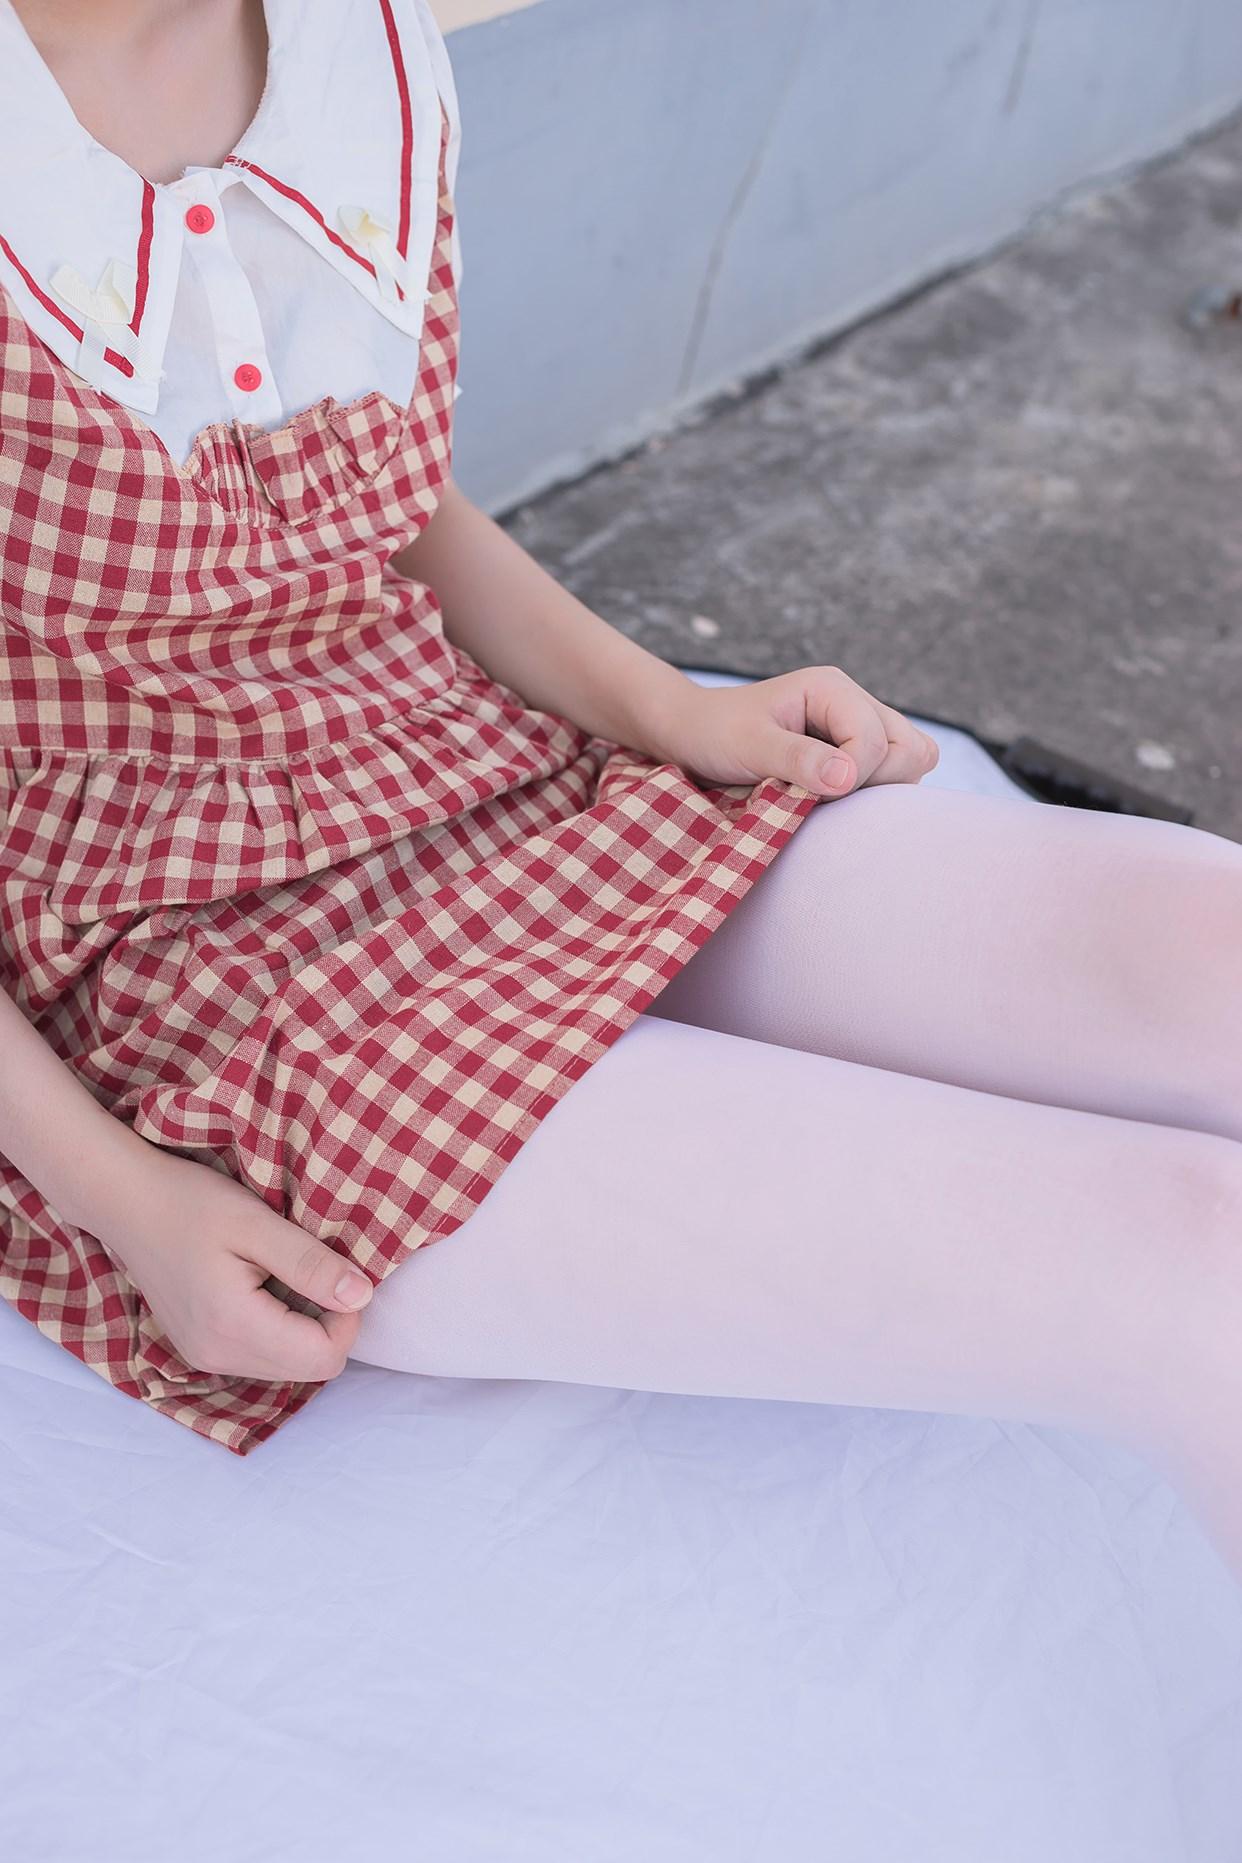 【兔玩映画】萝莉的白丝袜 兔玩映画 第27张